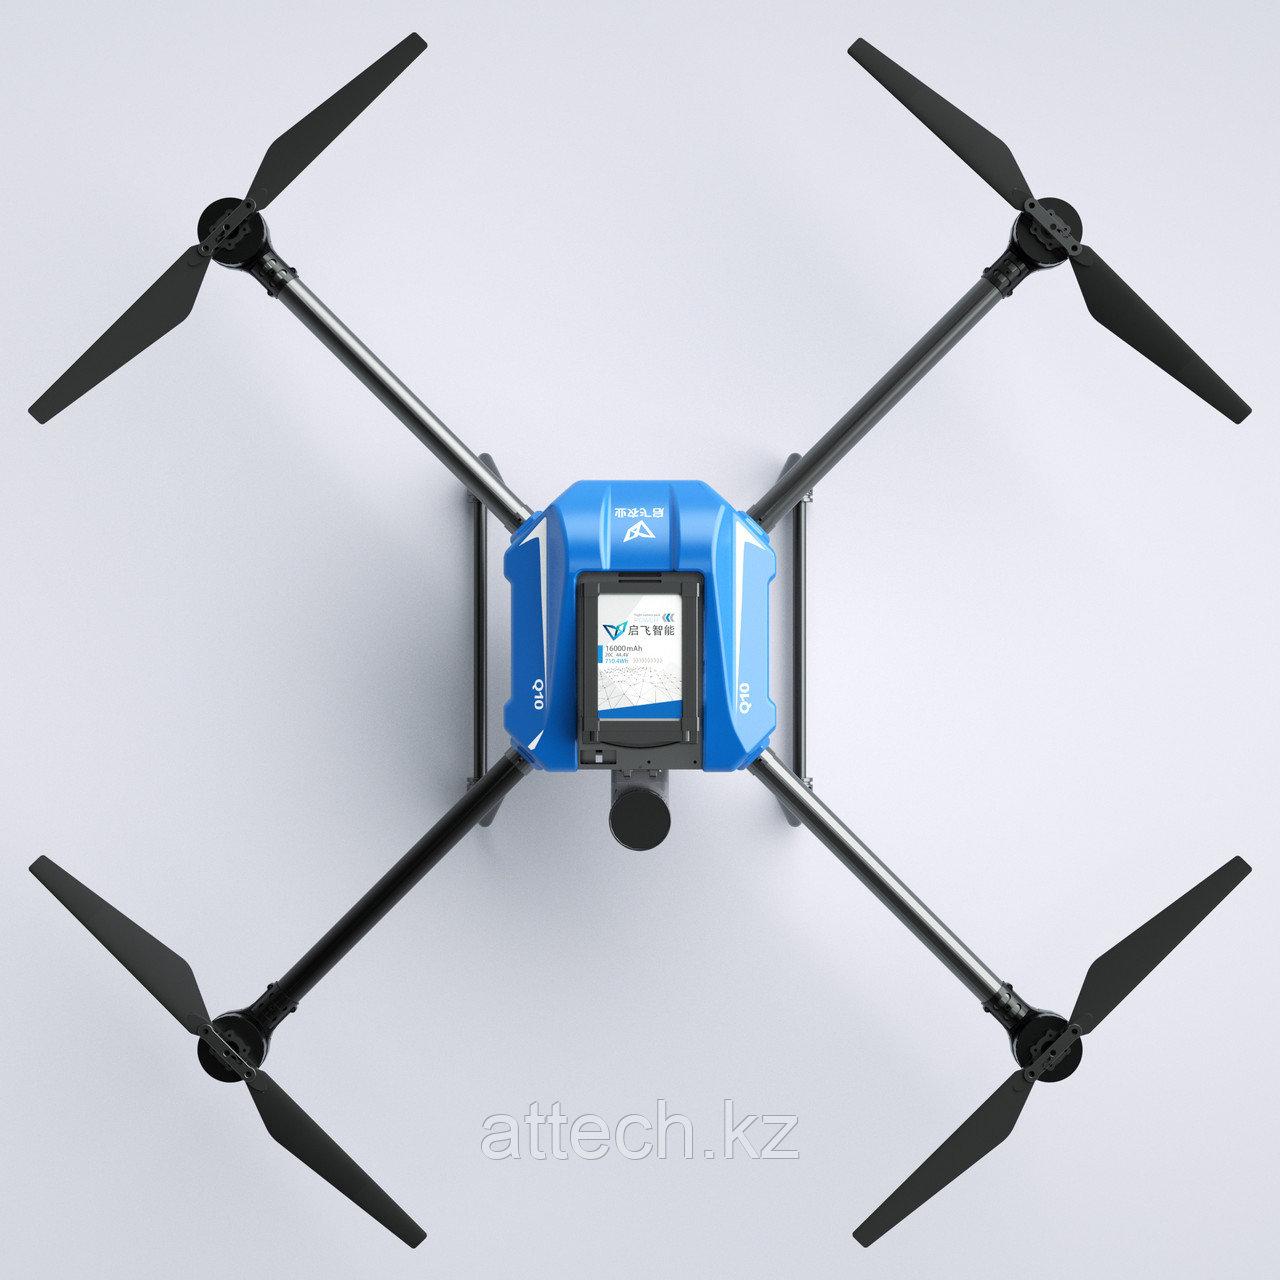 Сельскохозяйственный беспилотный летательный аппарат 10 кг модель А10 3WD4-QF-10В